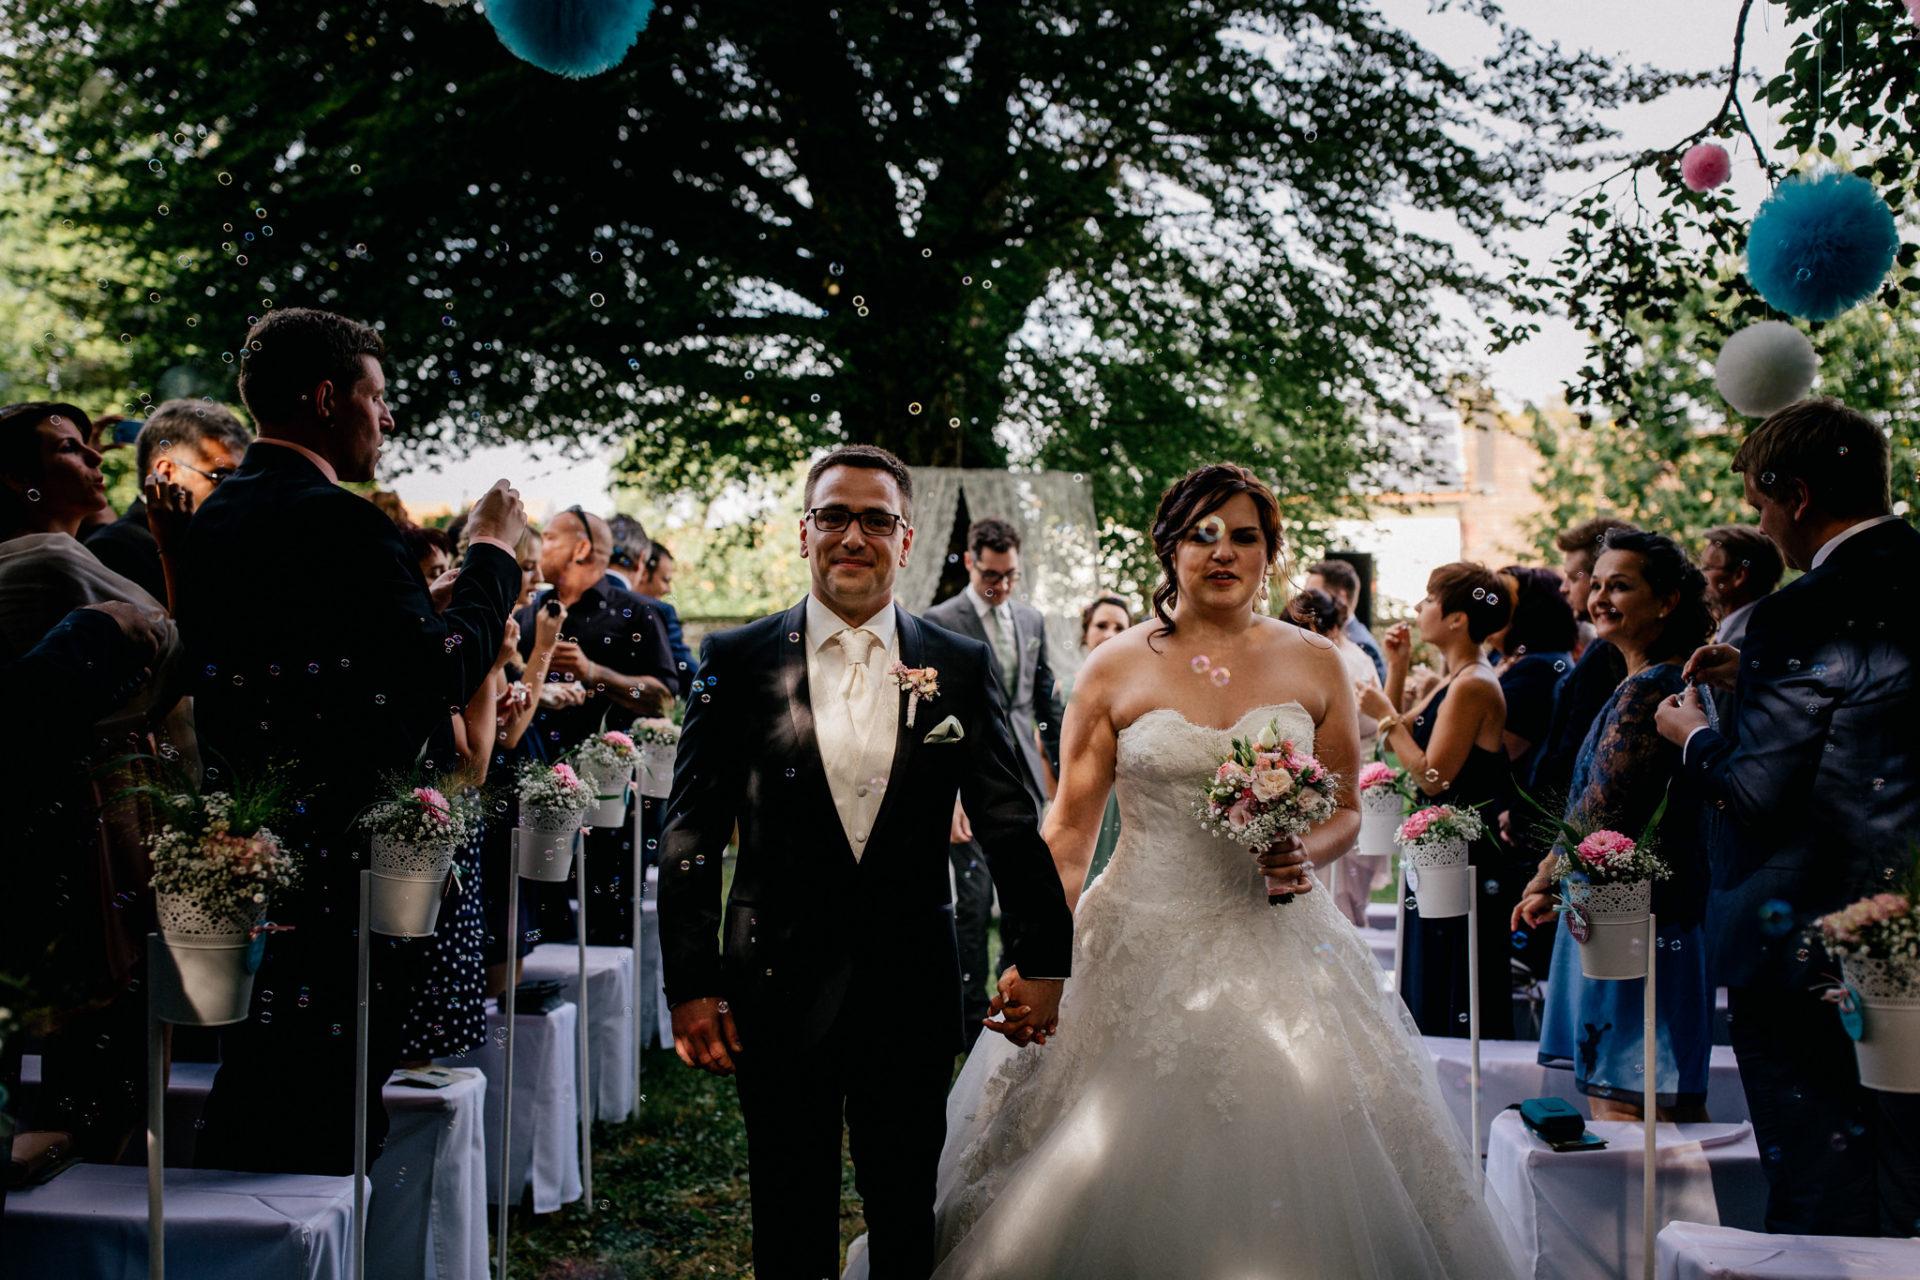 hochzeitsfotograf schloss heinsheim-elegant heiraten-Schafstall Heinsheim-Natürliche Portraits-Umgestellte Hochzeitsbilder-walking down the isle-Seifenblasenauszug